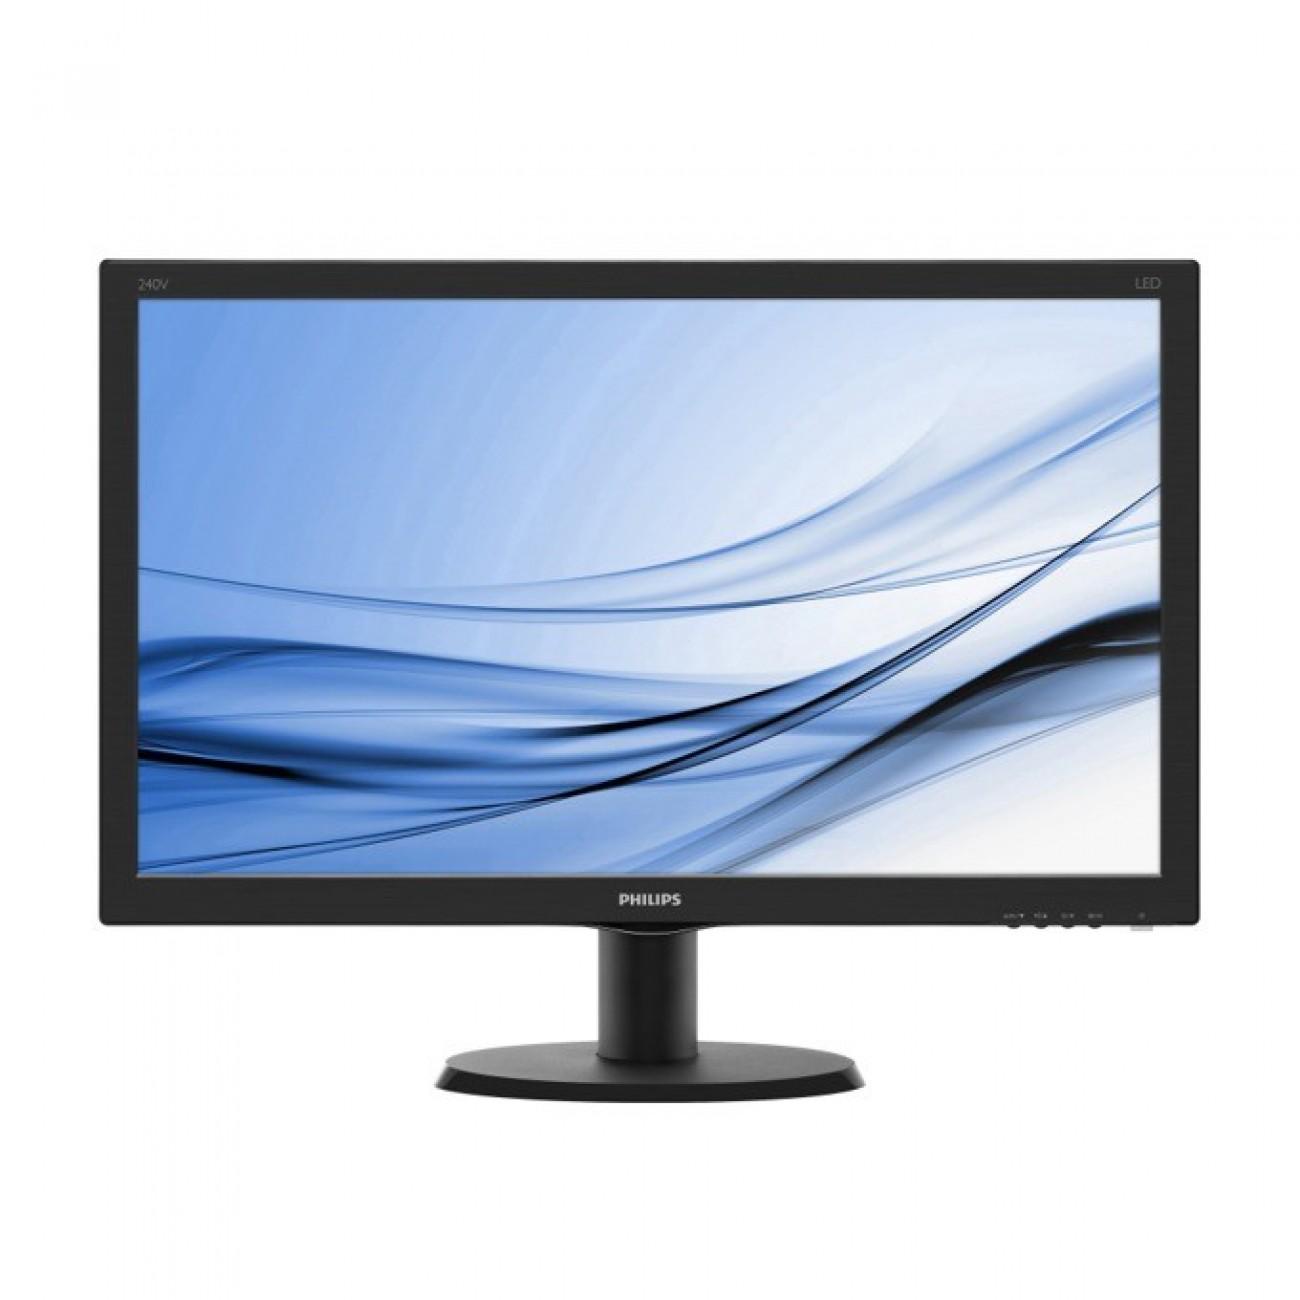 Монитор 23.8 (60.45 cm) Philips 240V5QDAB, IPS-ADS панел, Full HD, 5 ms, 10 000 000:1, 250cd/m2, HDMI, DVI в Монитори -  | Alleop